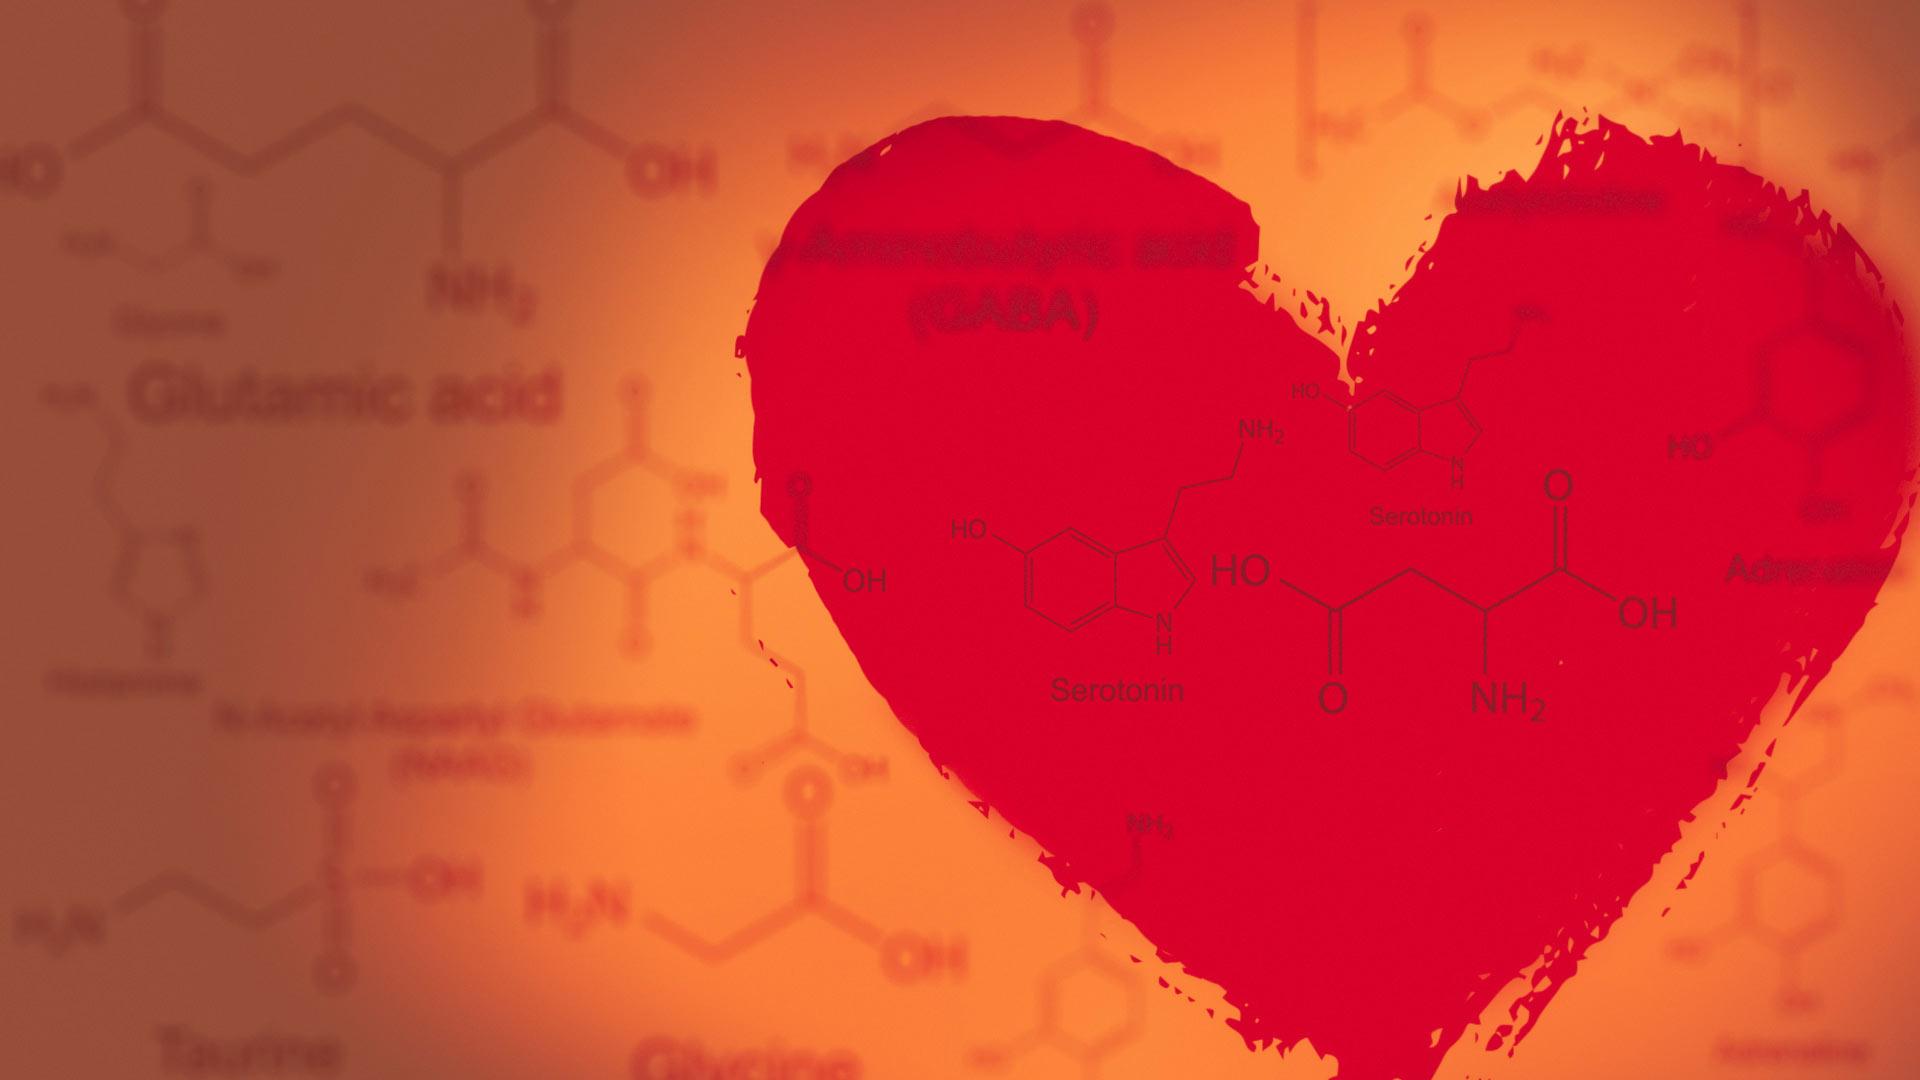 Descubre todo lo que hay detrás de la química en el amor - Featured Image